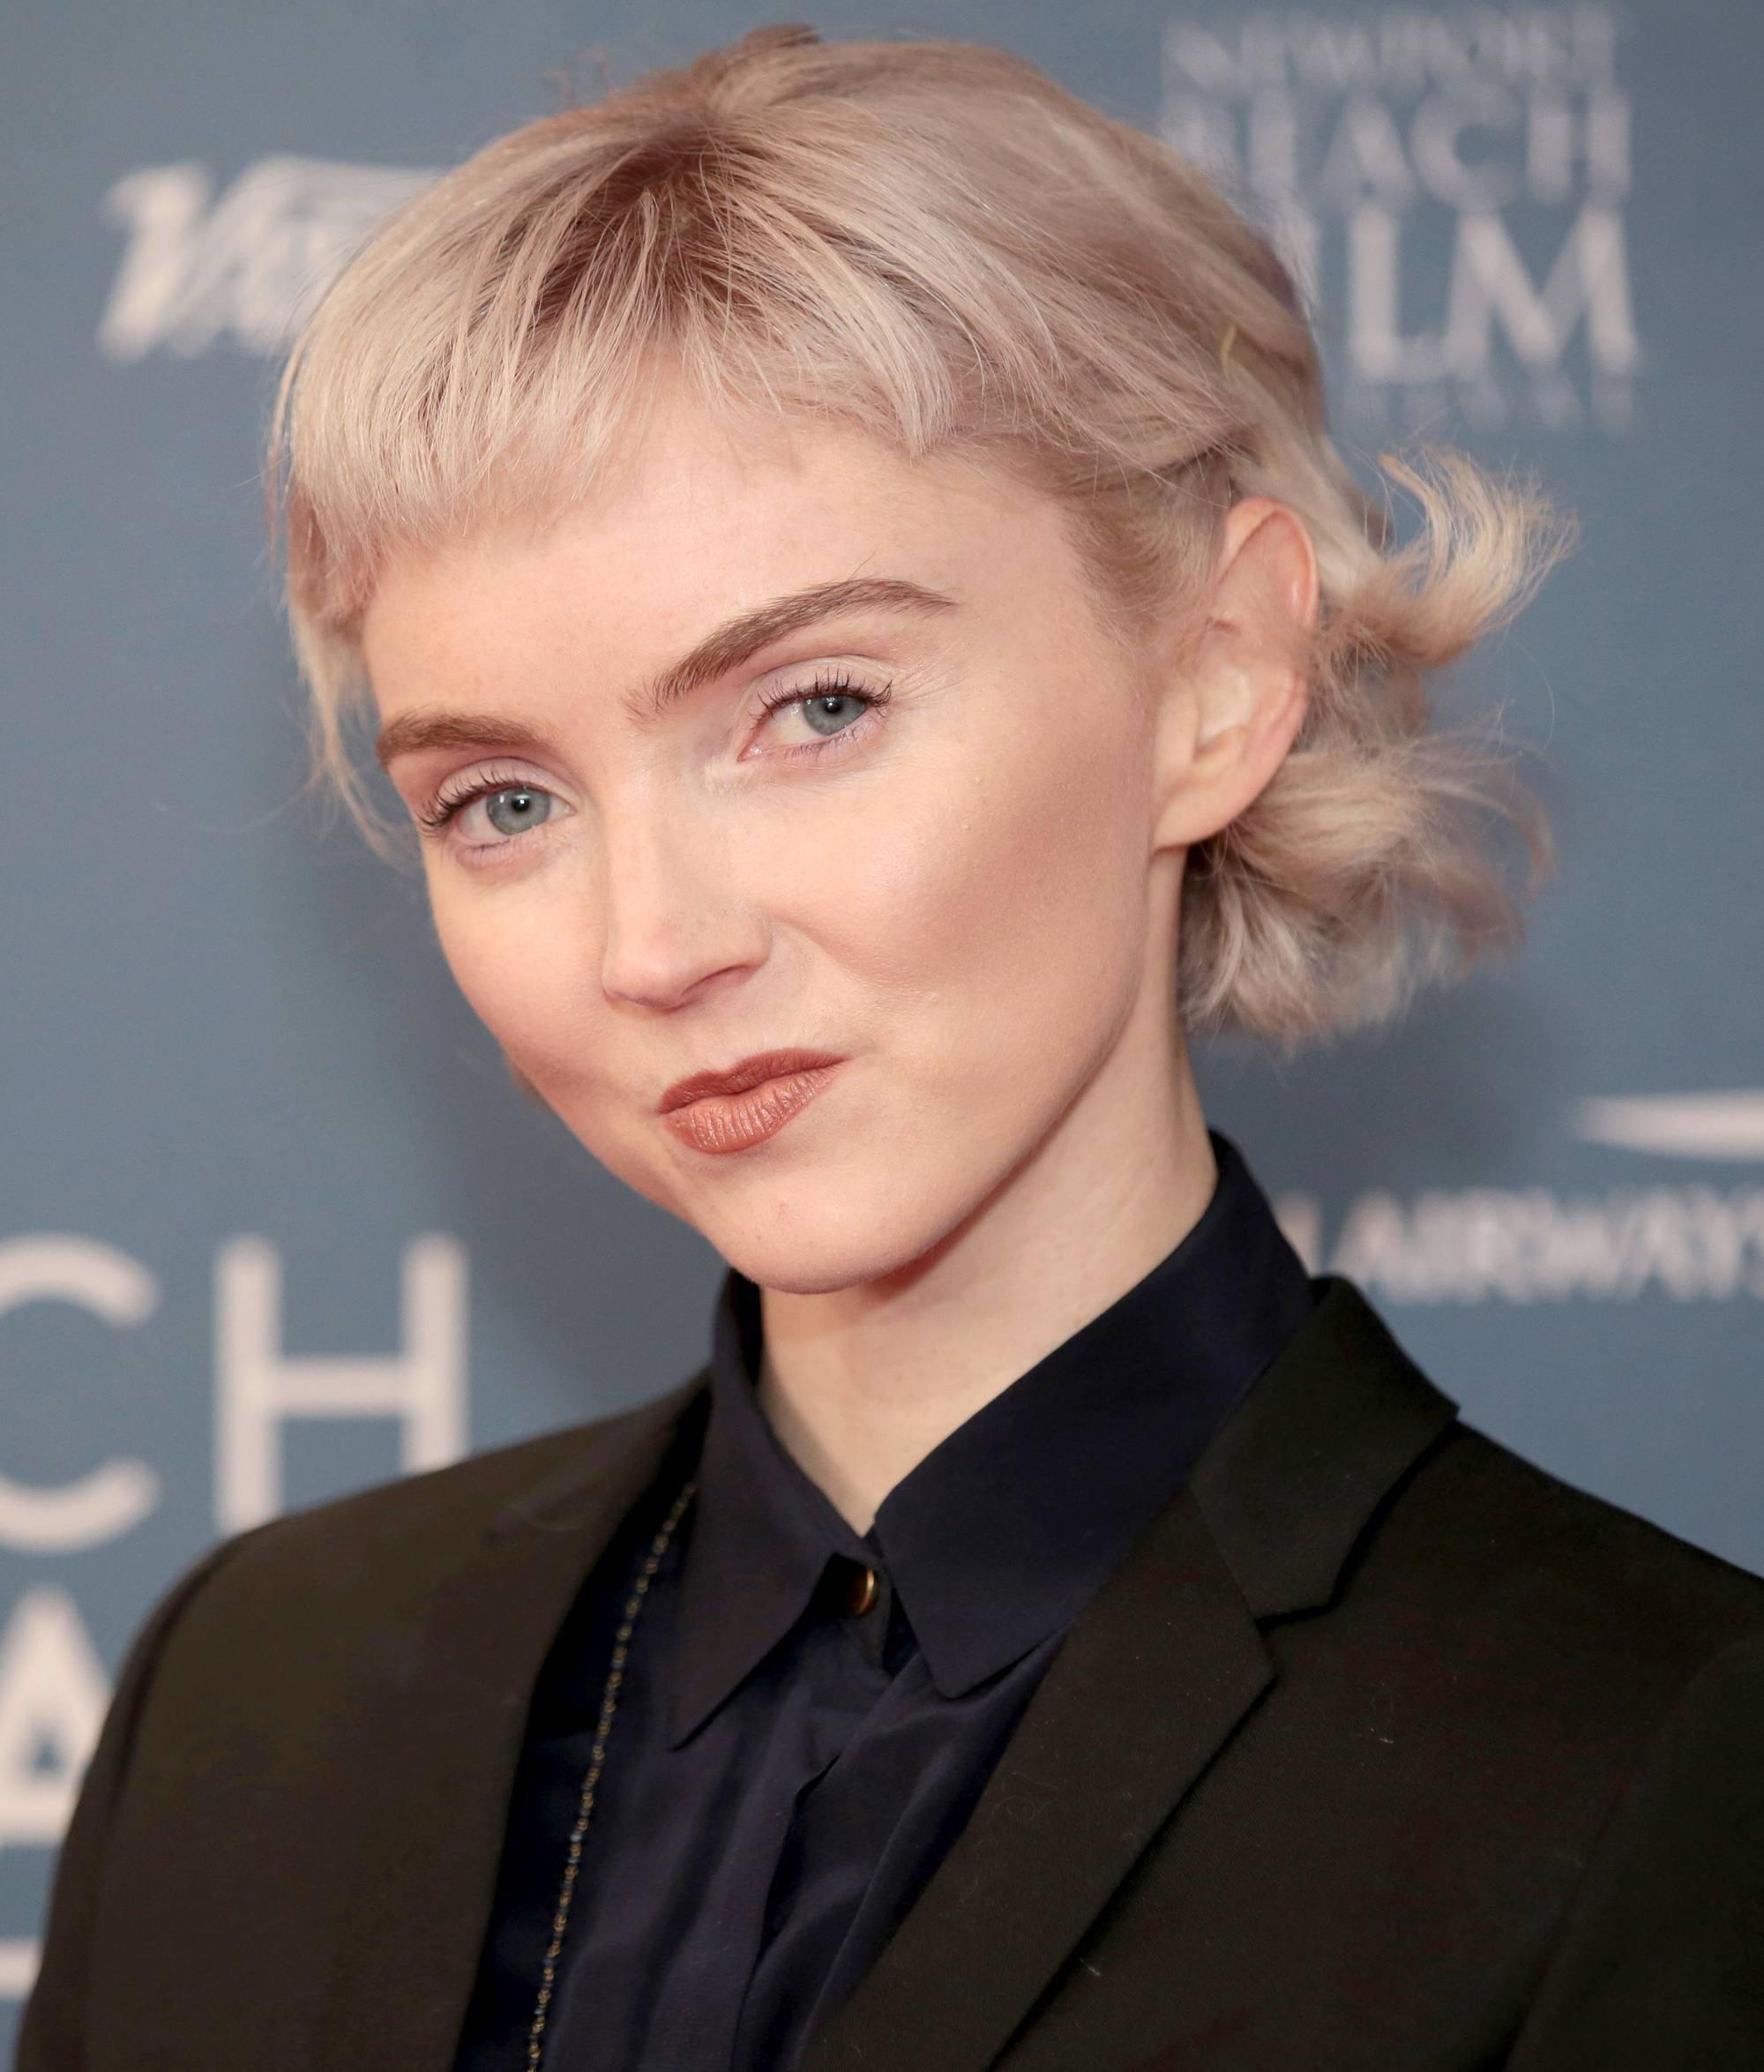 Frange courte: Lily Cole avec des cheveux courts bouclés blonds décolorés avec une frange courte pour bébé portant un haut noir.